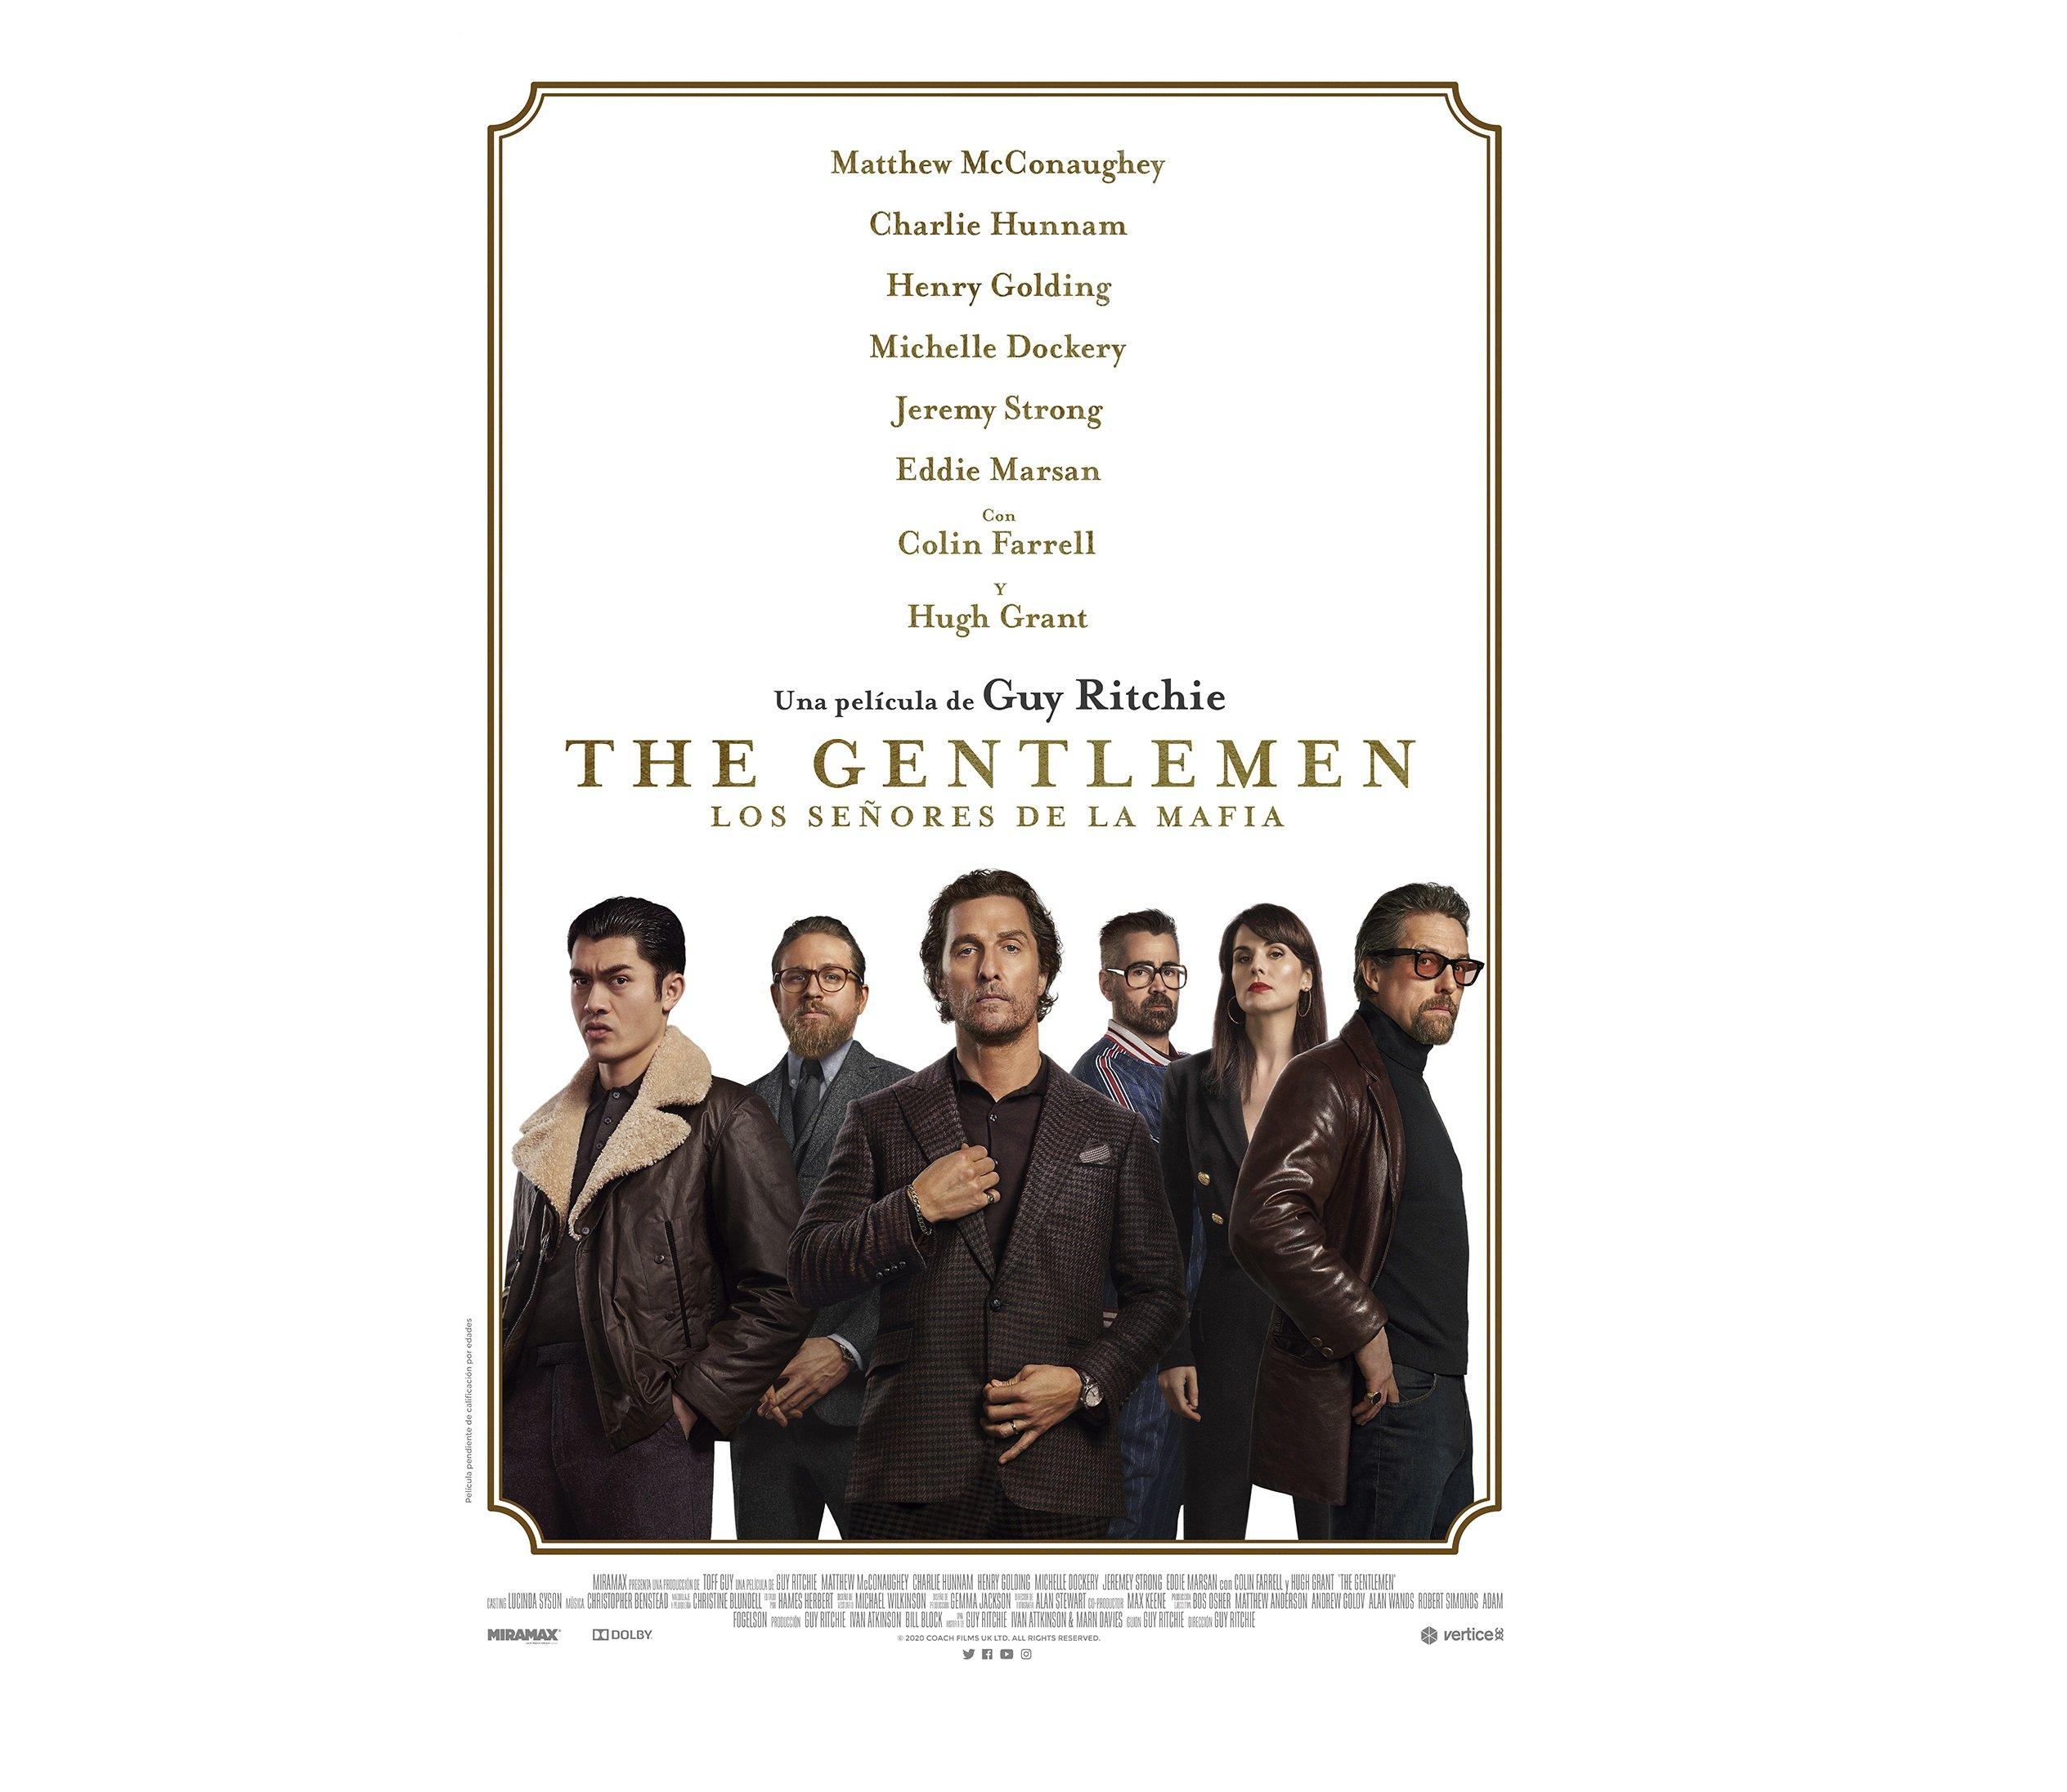 'The Gentlemen Los señores de la mafia'